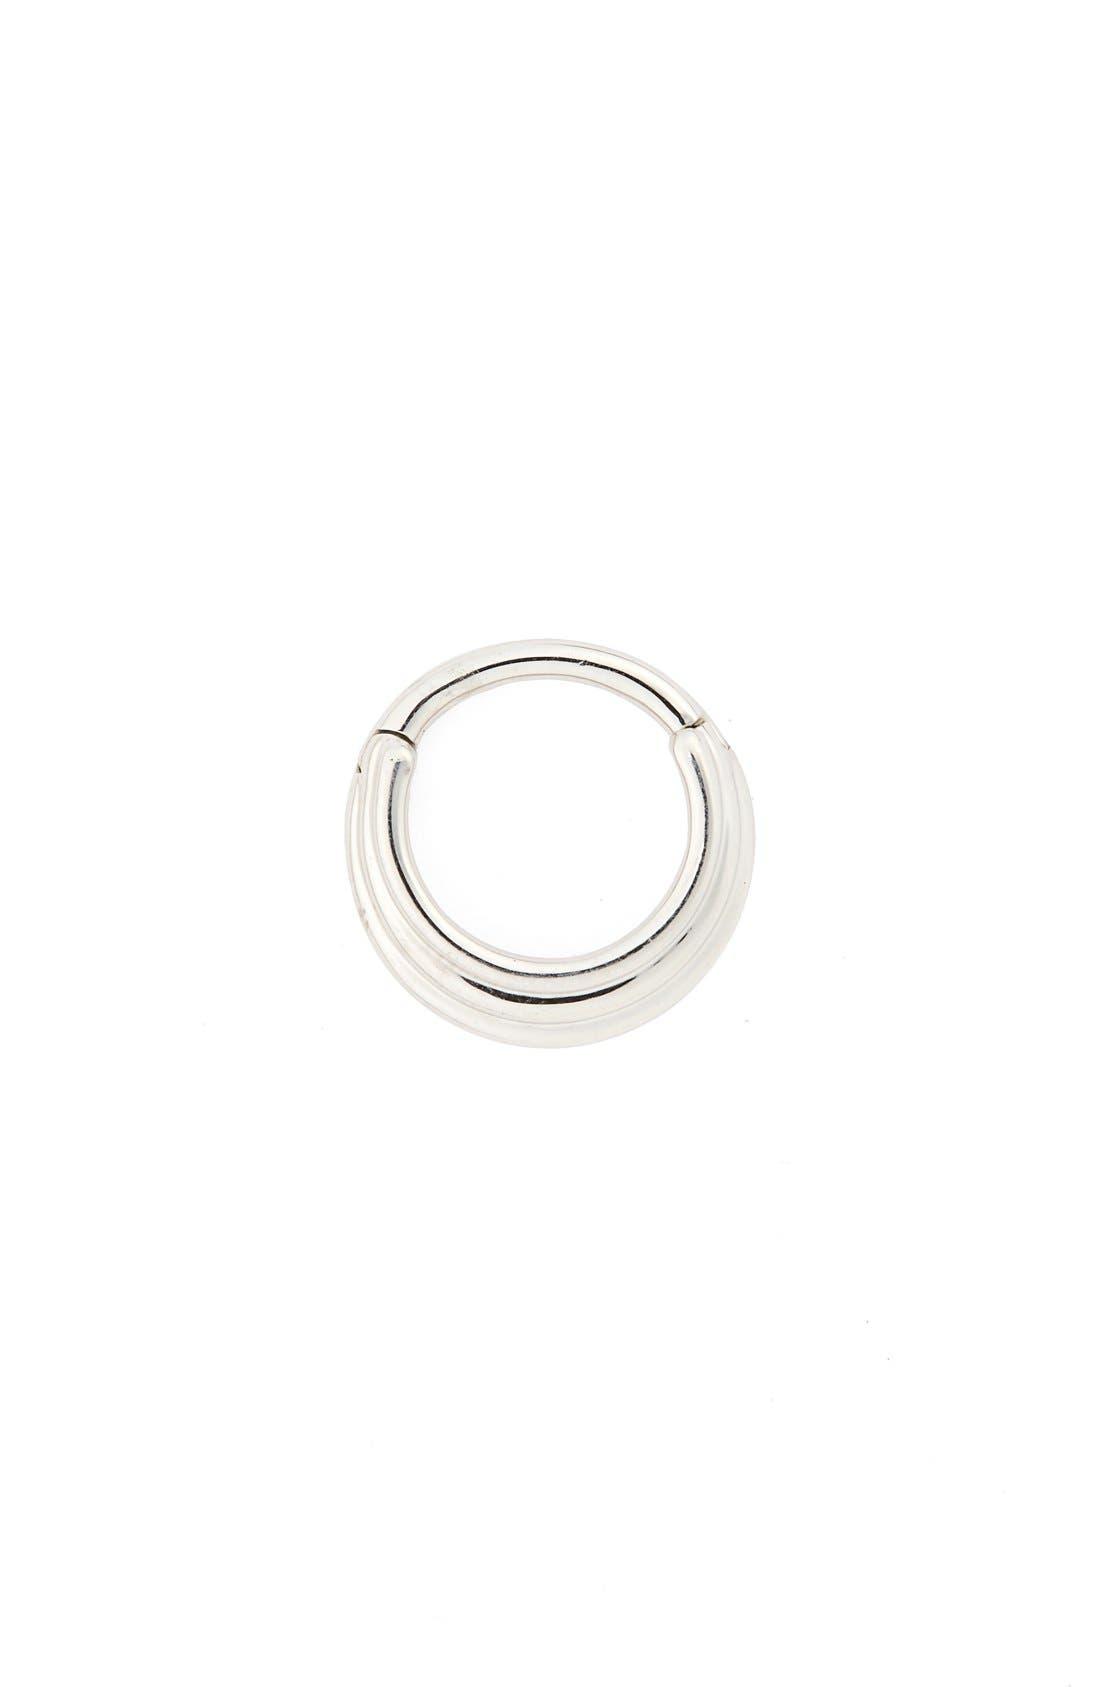 16 Gauge Hiranya Clicker Ring,                         Main,                         color, White